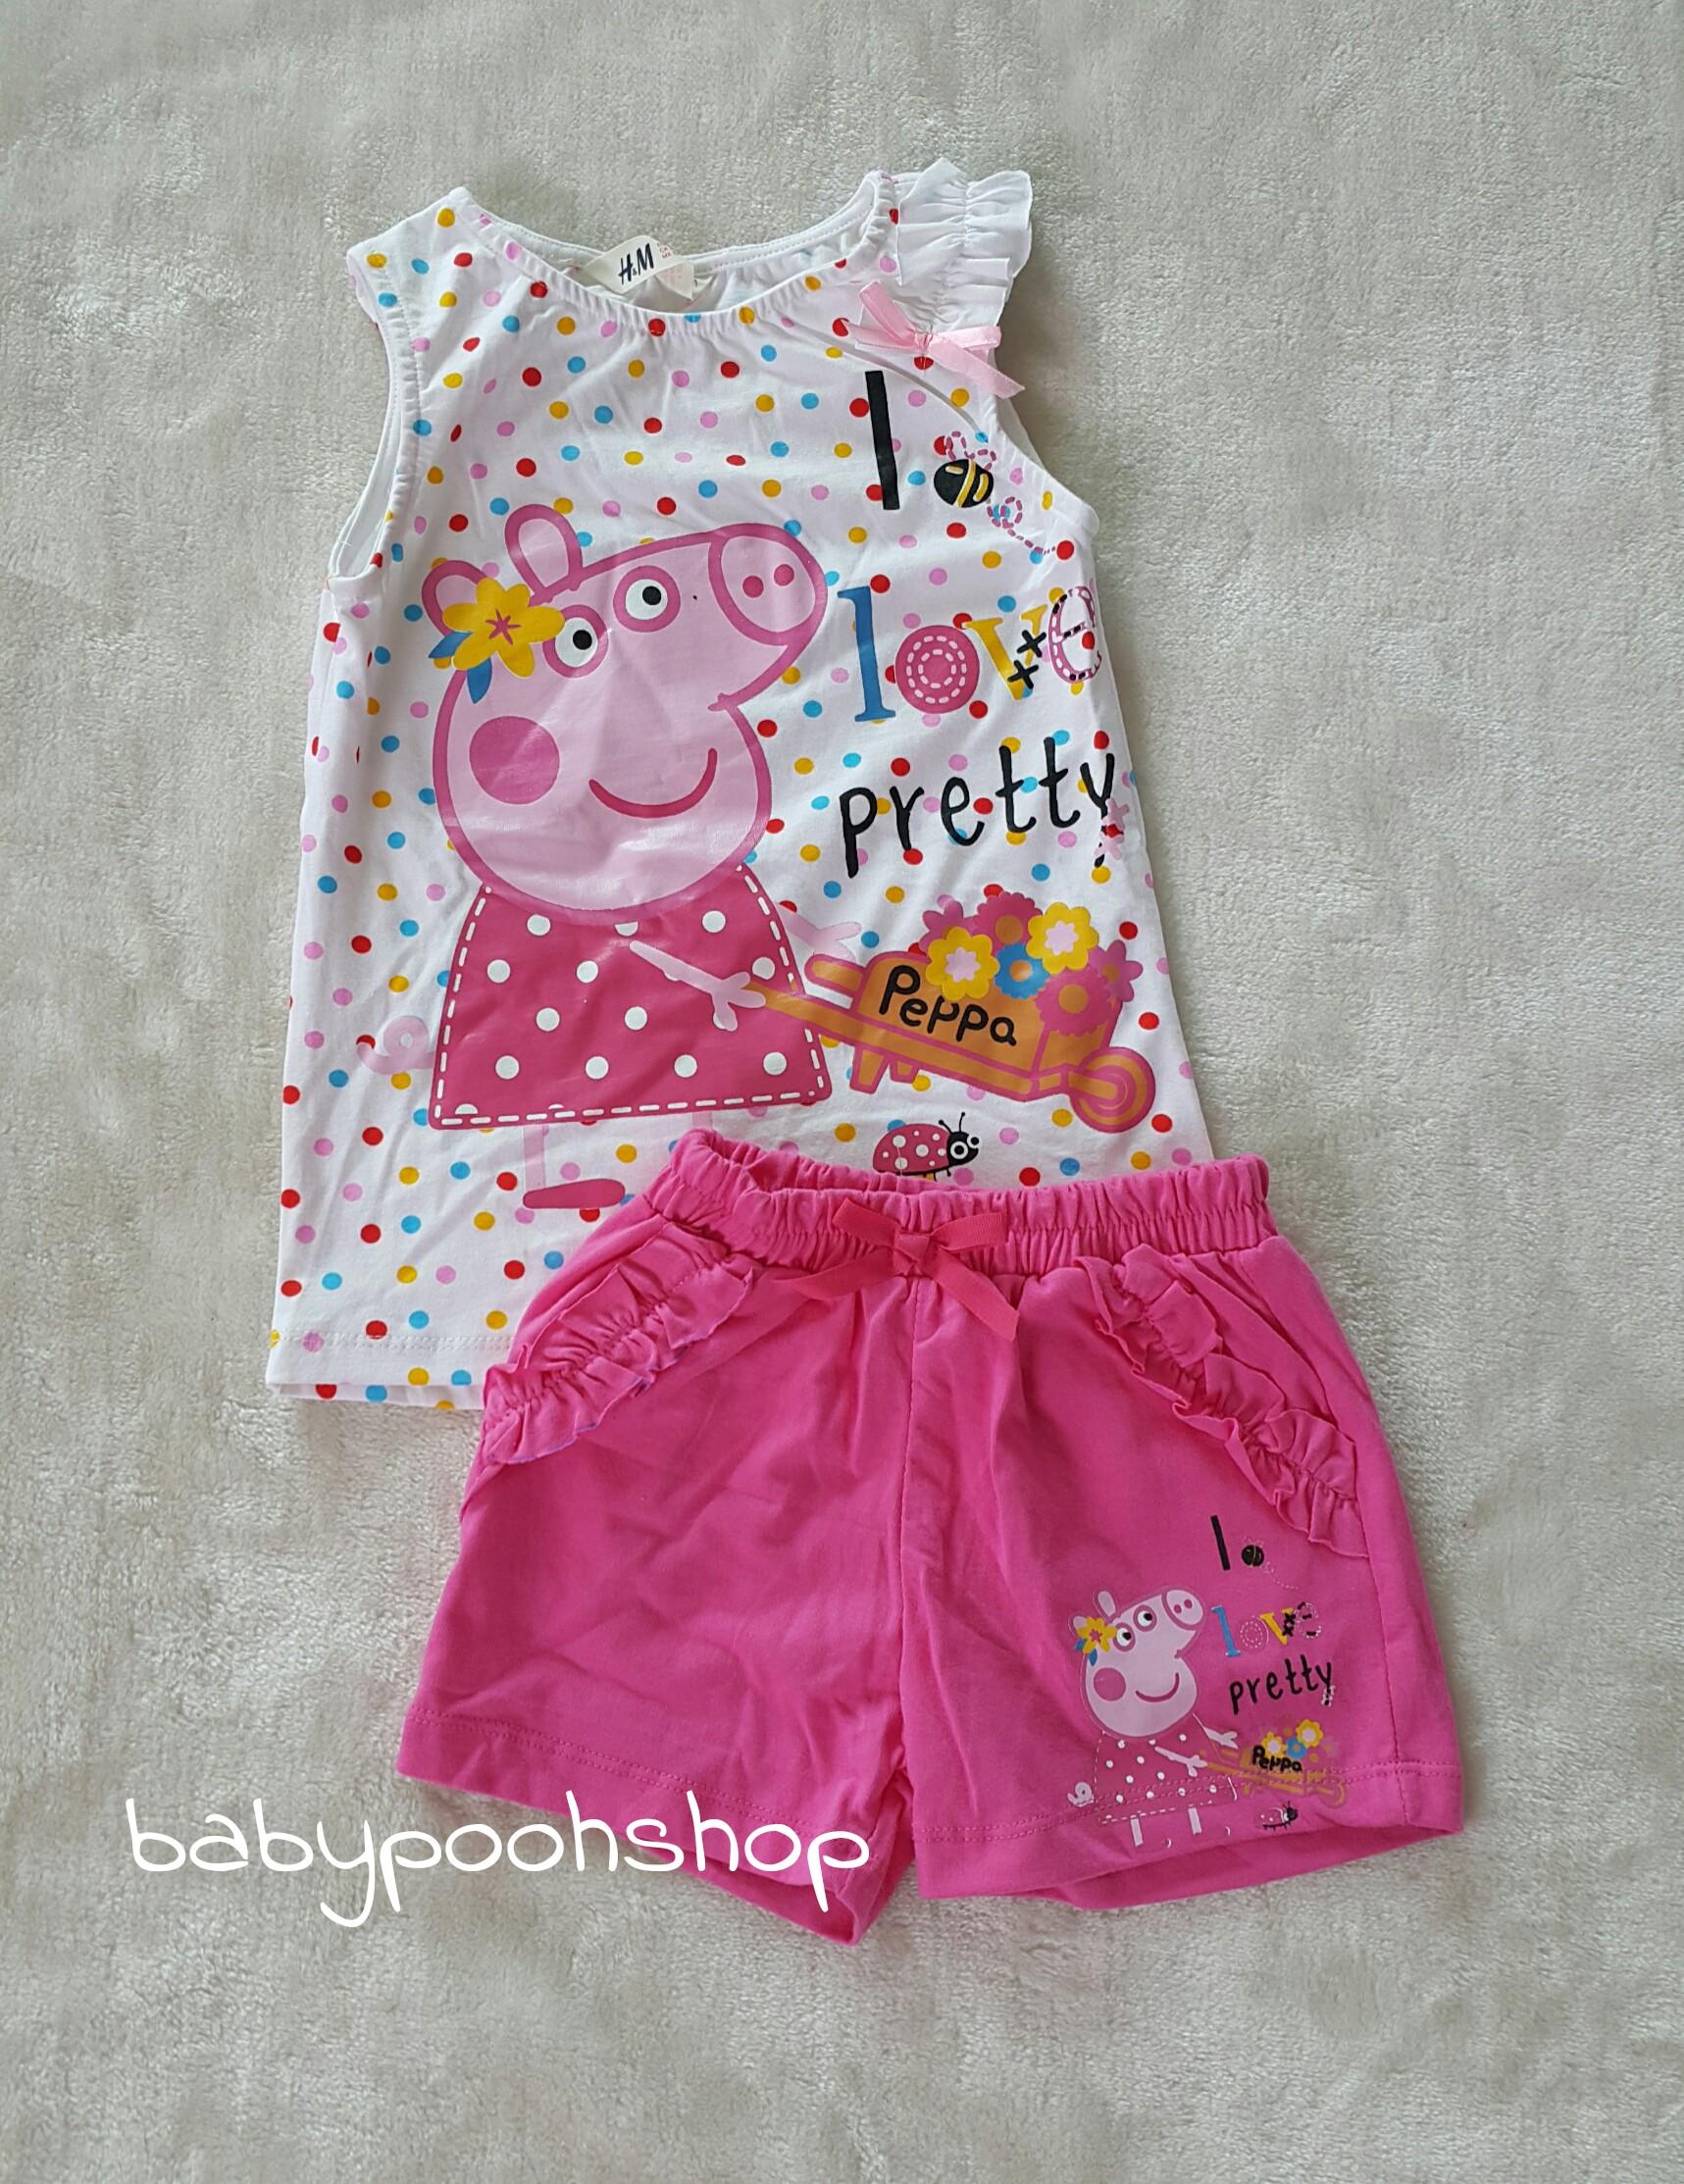 set เสื้อสีขาว+กางเกงขาสั้นสีชมพู Peppa pig size : 1-2y / 2-4y / 6-8y / 8-10y